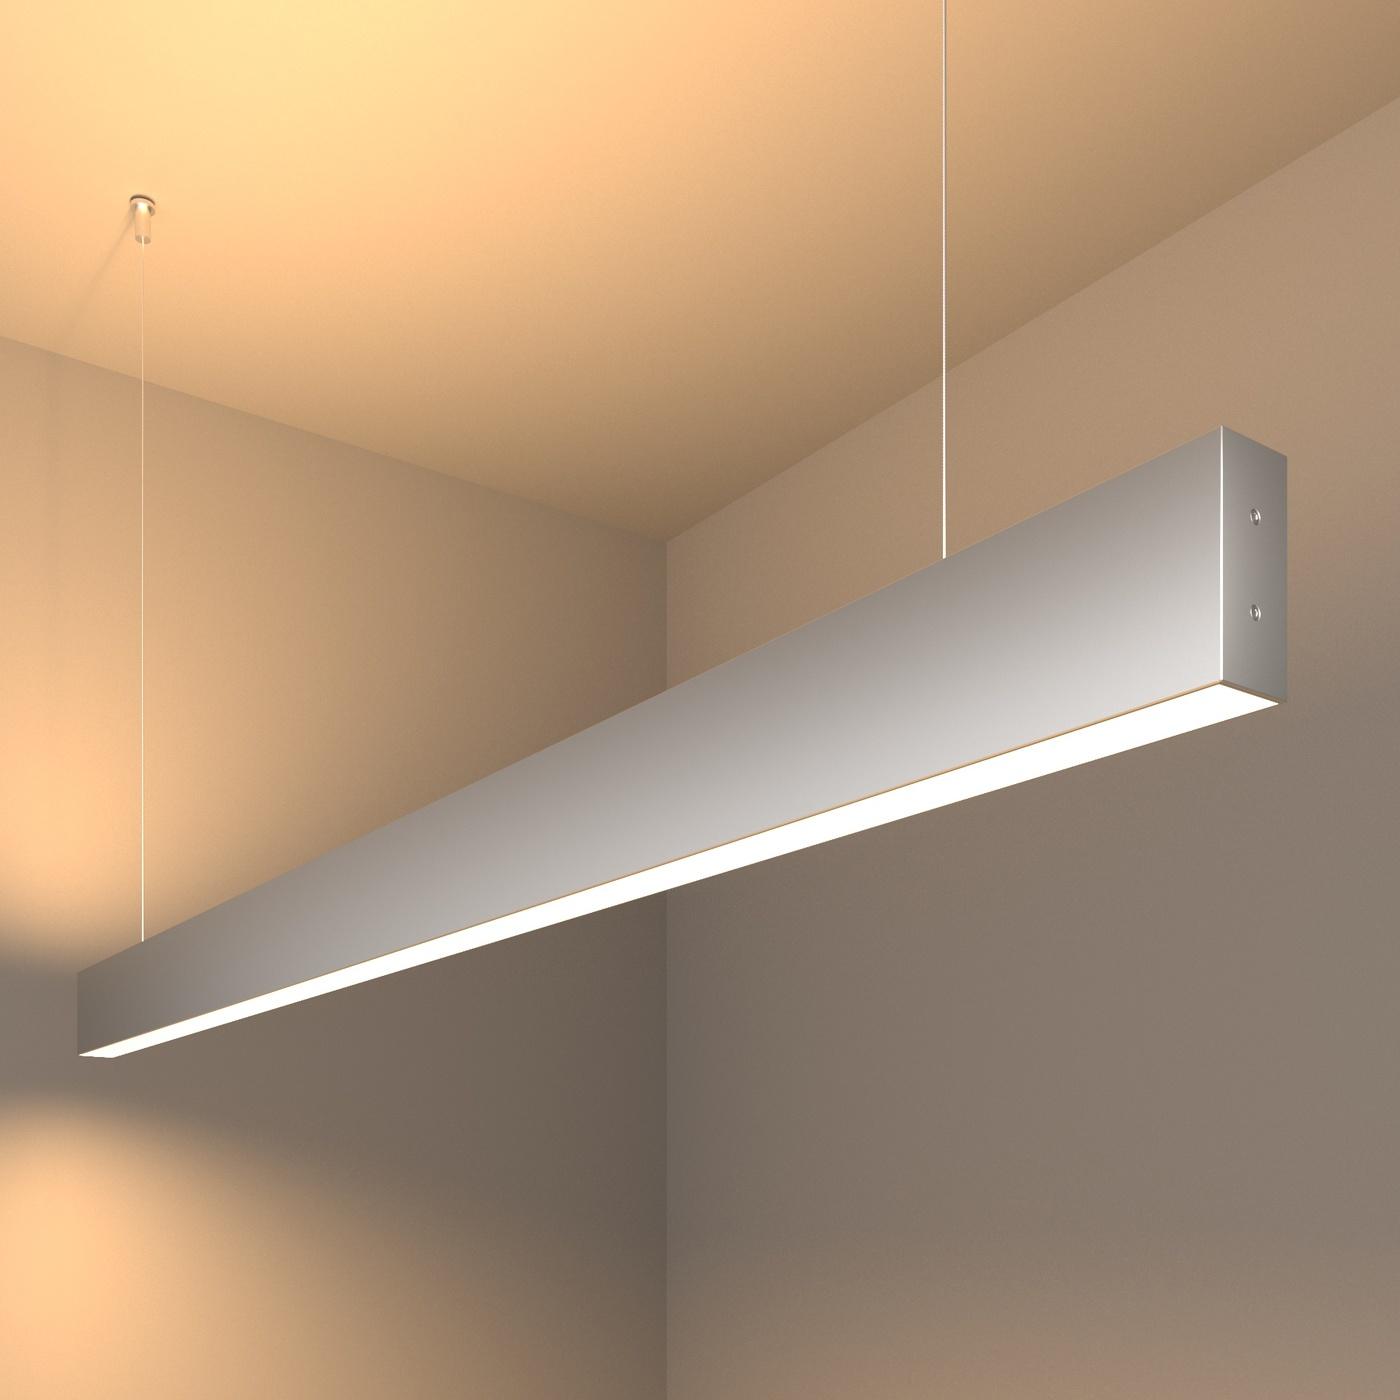 101-200-40-128 / Линейный светодиодный подвесной двусторонний светильник 128см 50W 3000K матовое серебро